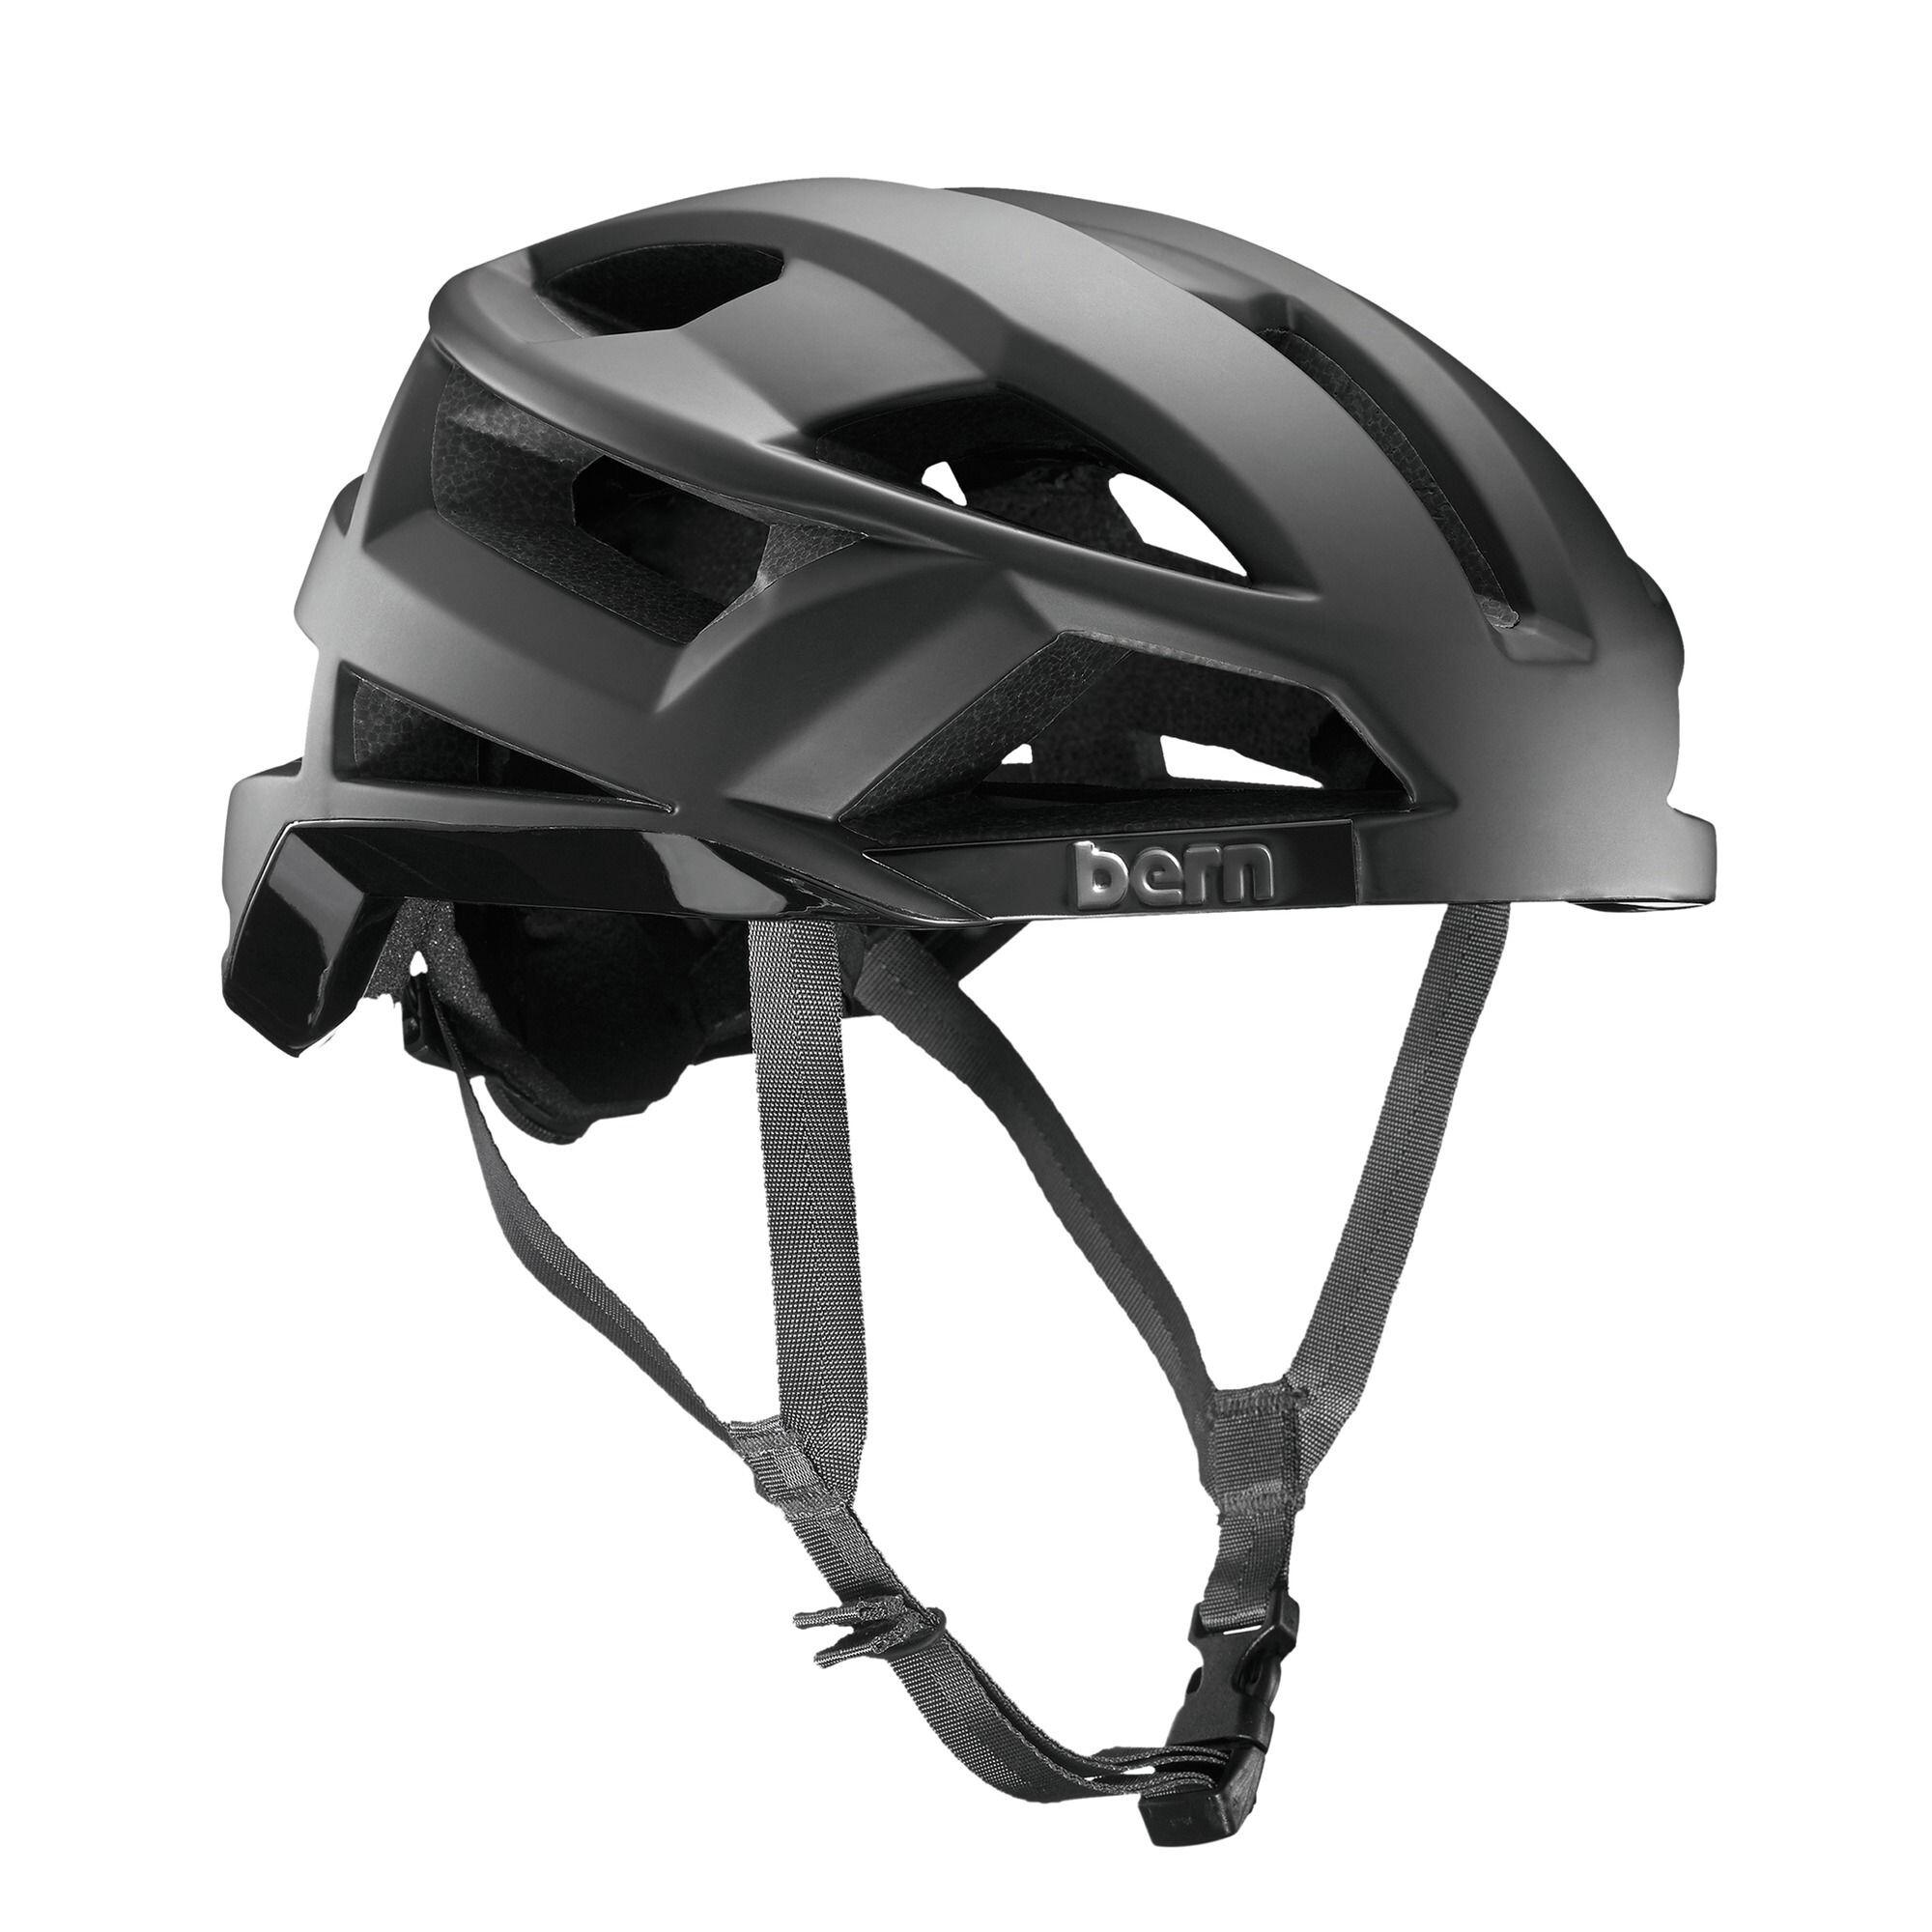 Bern FL-1 Cykelhjelm, matte black (2019) | Helmets